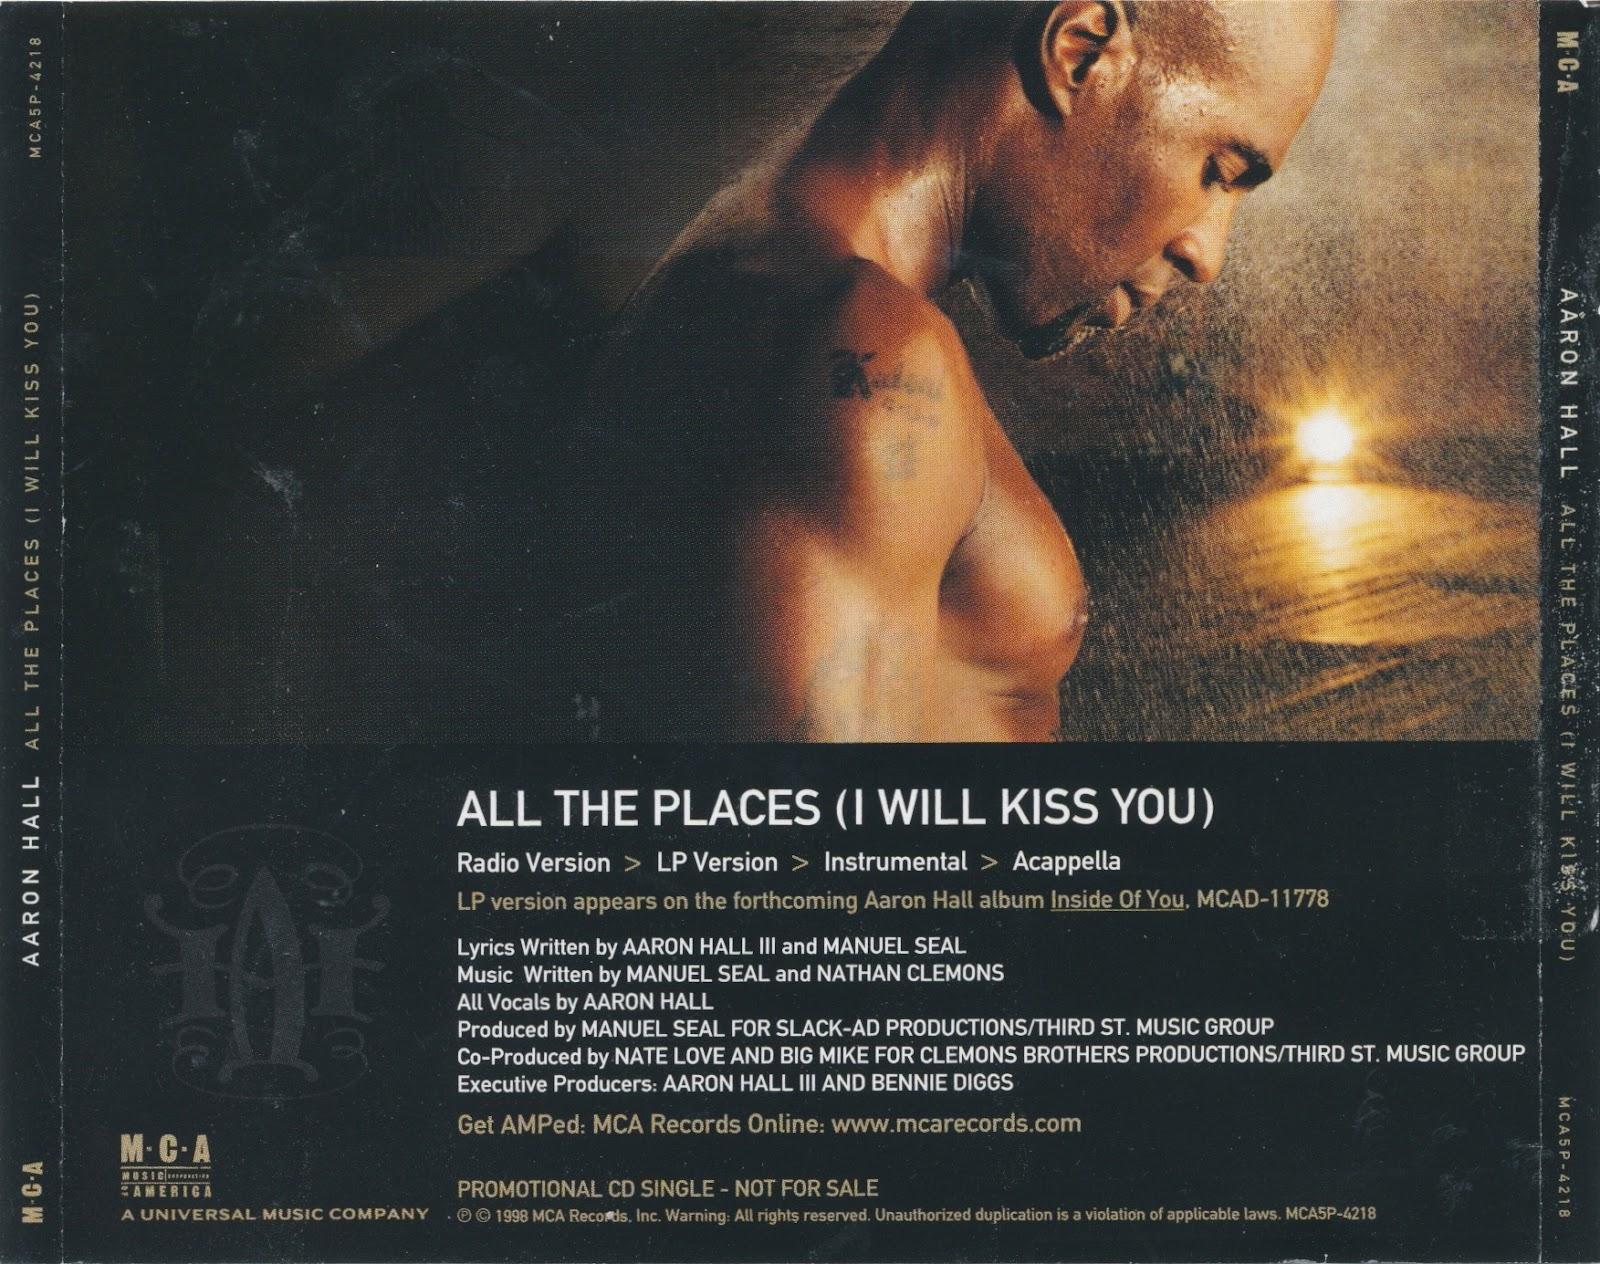 http://2.bp.blogspot.com/-YyVGsMYvYTk/T5poSujehtI/AAAAAAAAGls/XtSaCFObHcQ/s1600/Aaron+Hall+CDS.jpeg